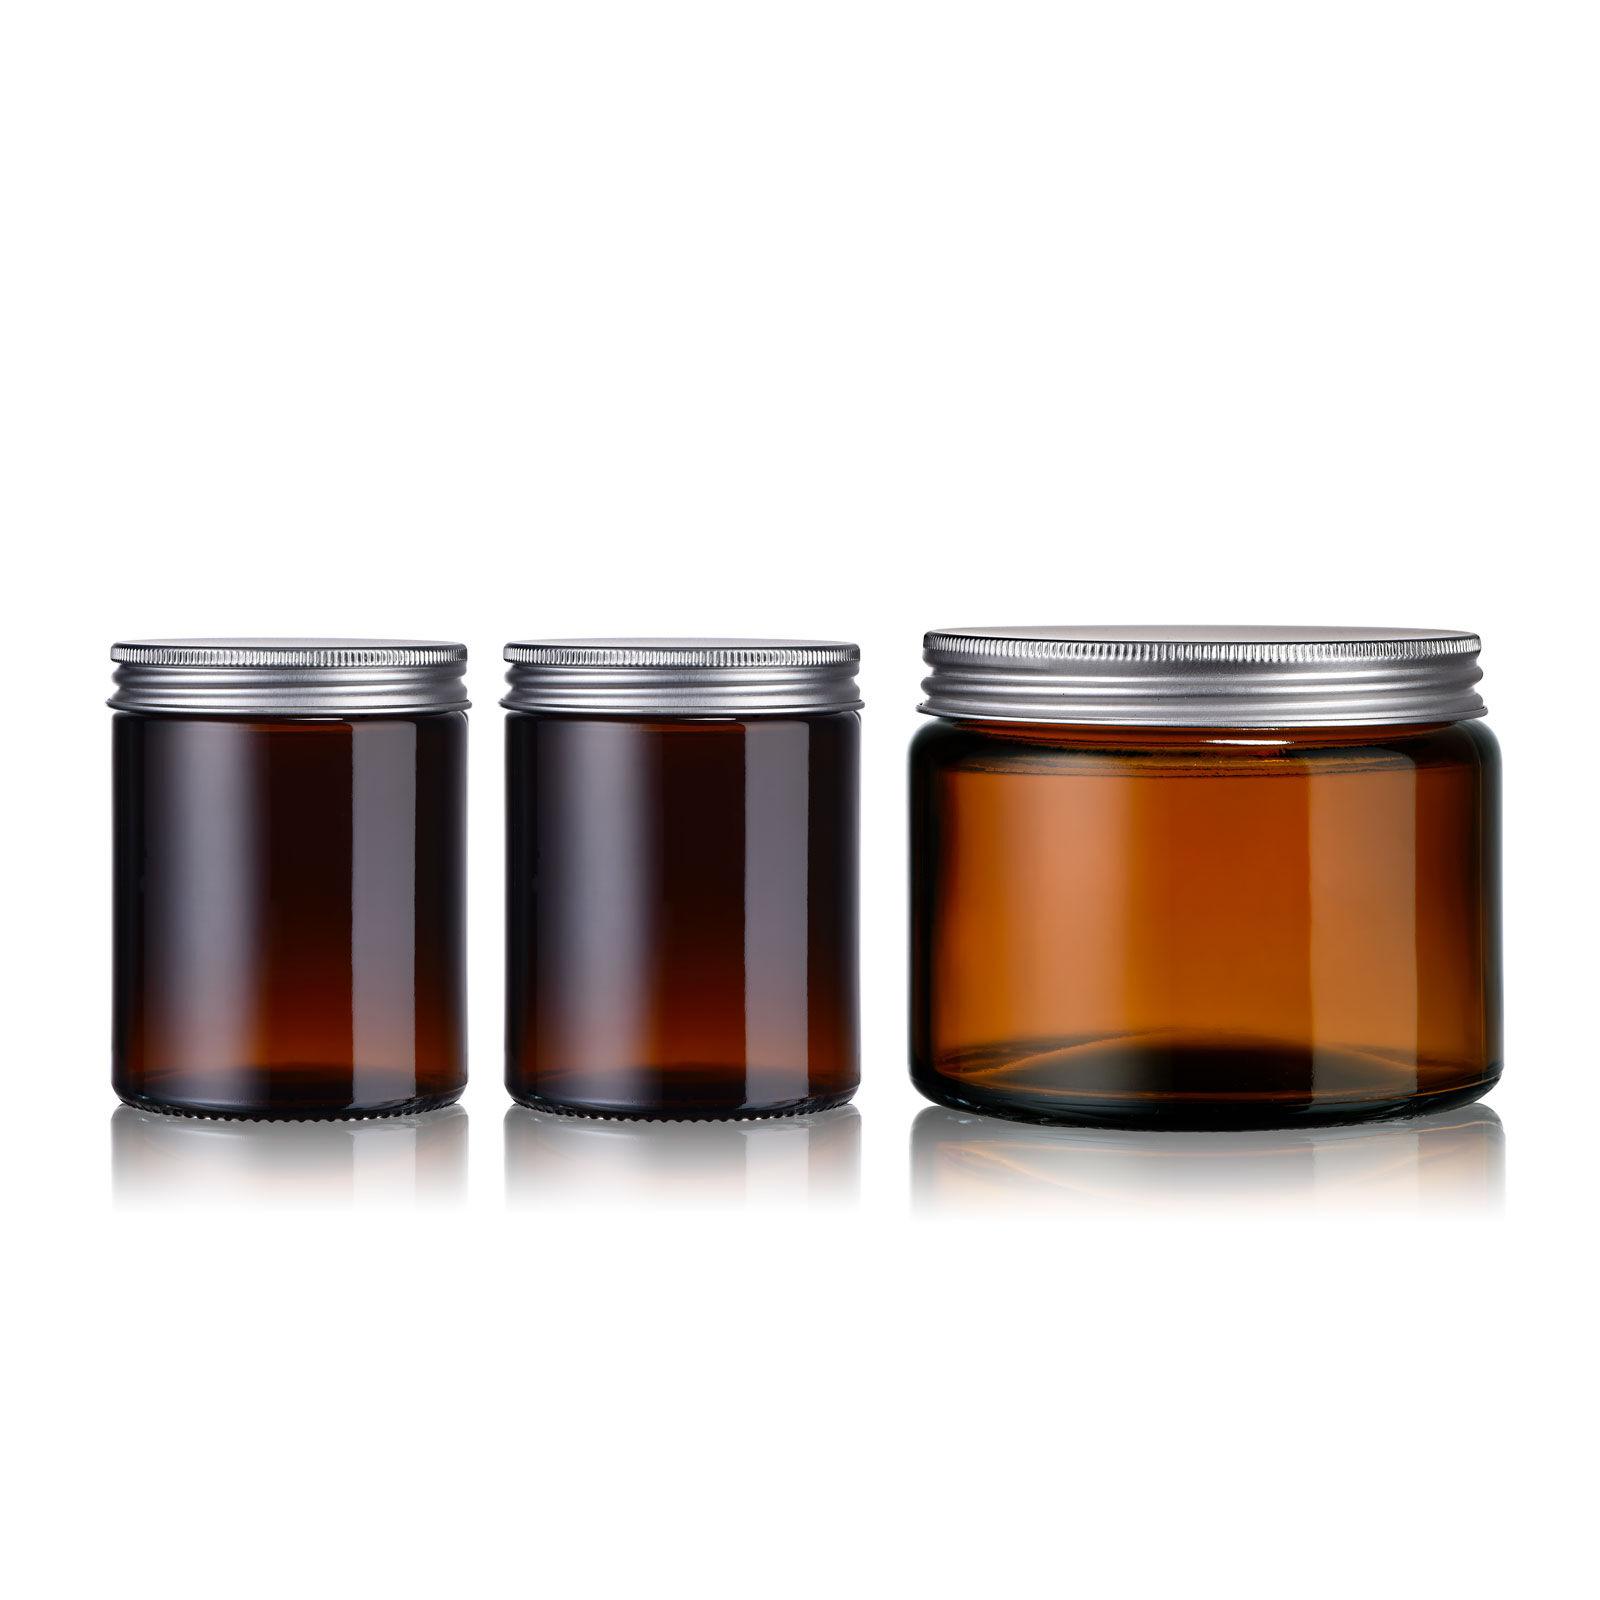 Little Pots Pot en verre ambré avec couvercle - Lot de 3